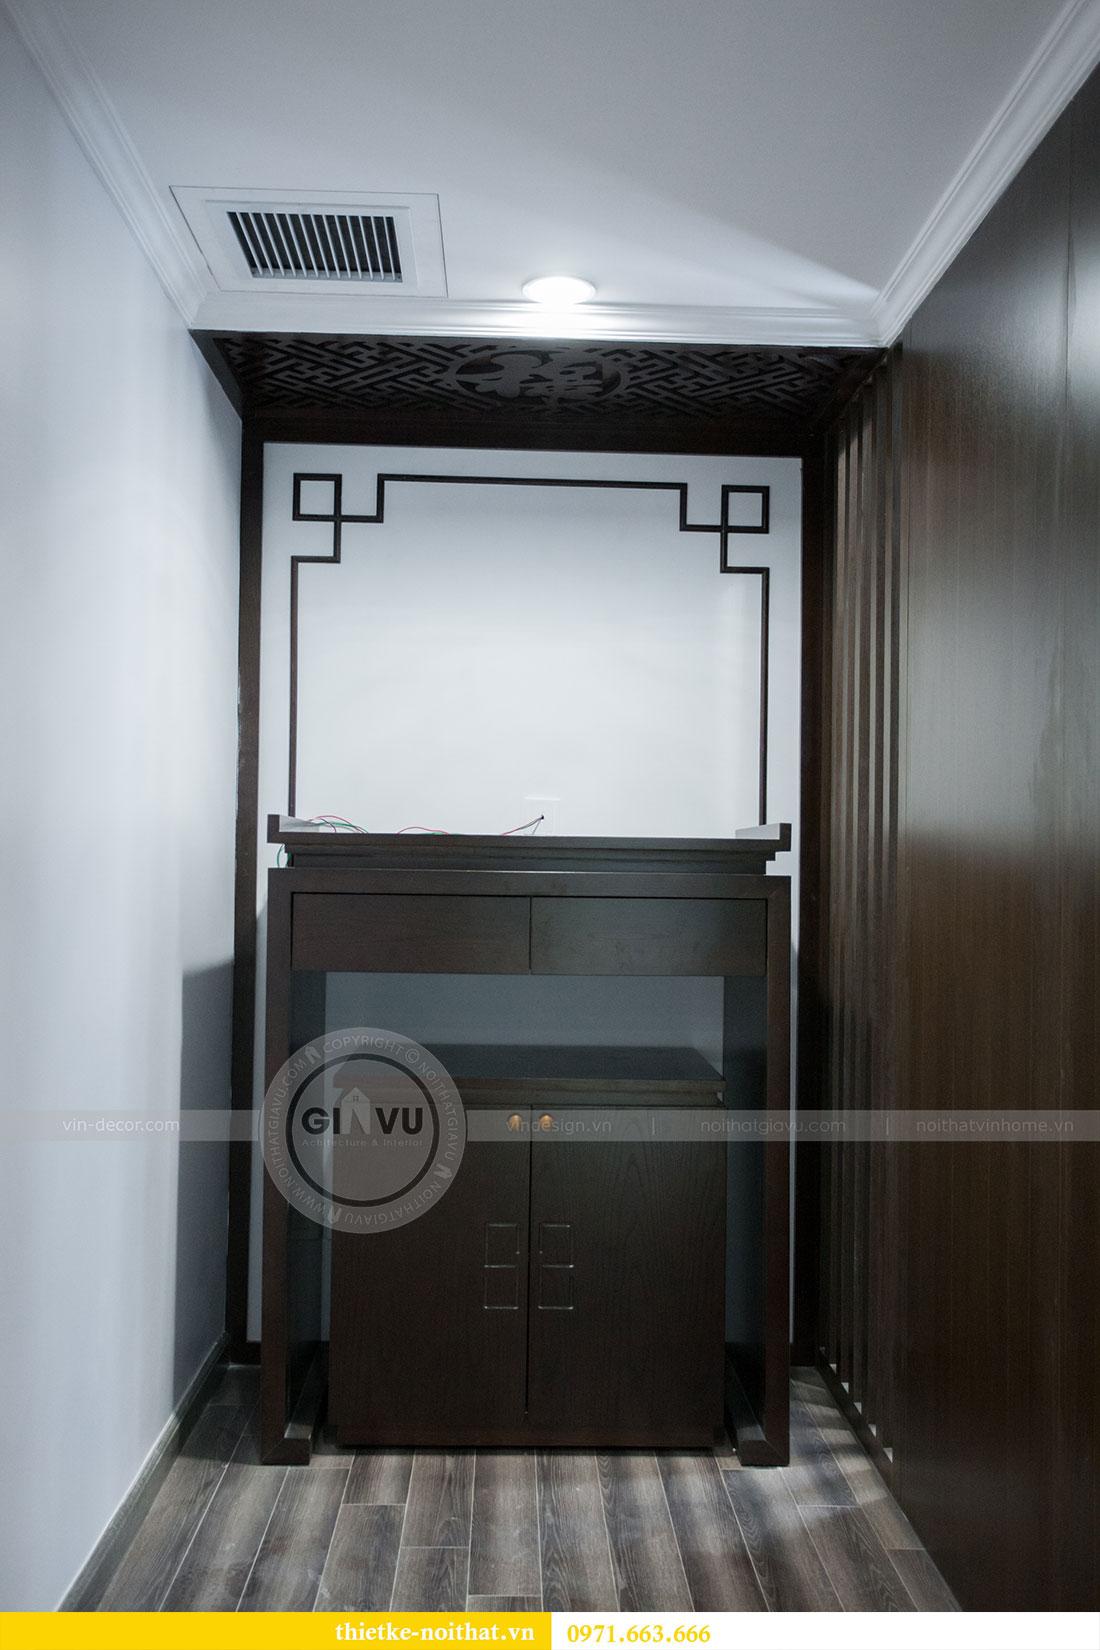 Hoàn thiện nội thất chung cư Seasons Avenue tòa S4 căn 06 chị My 9